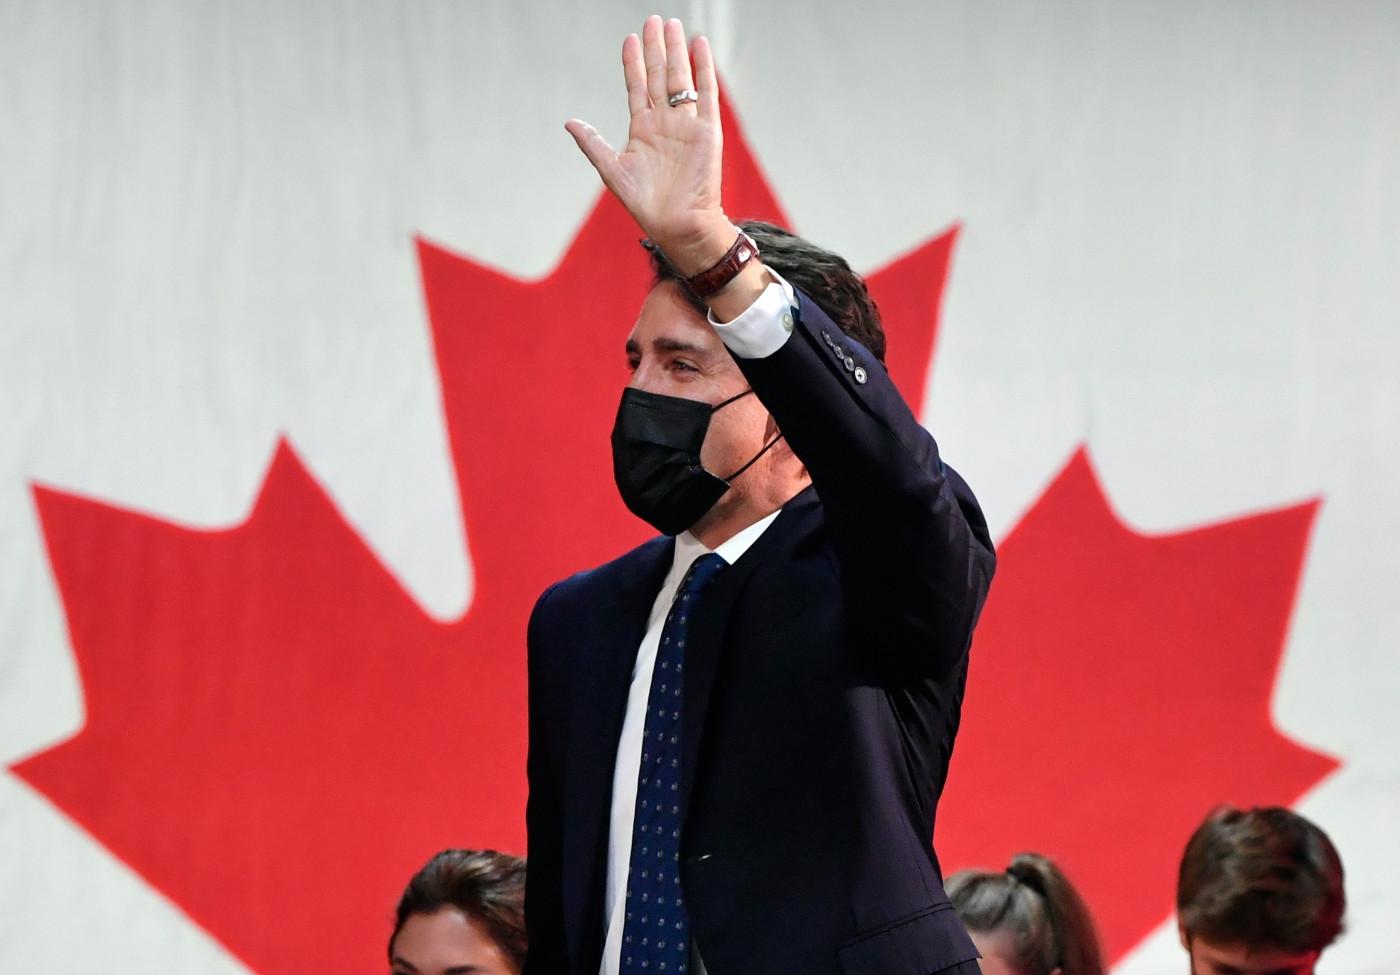 Primeiro-ministro do Canadá vence eleição antecipada